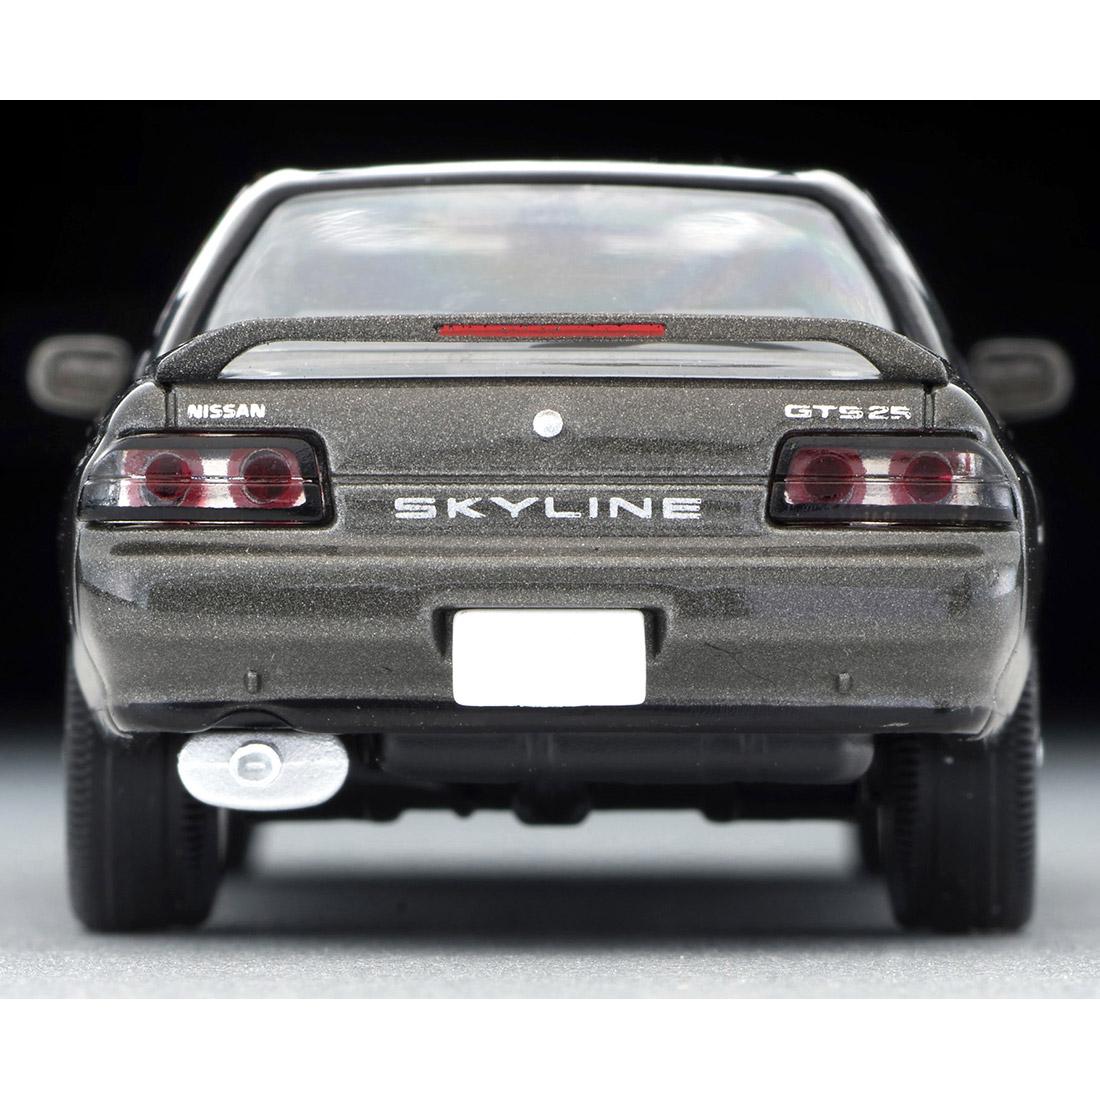 トミカリミテッドヴィンテージ ネオ『LV-N194a 日産スカイライン GTS25 タイプX・G (グレー)』ミニカー-005